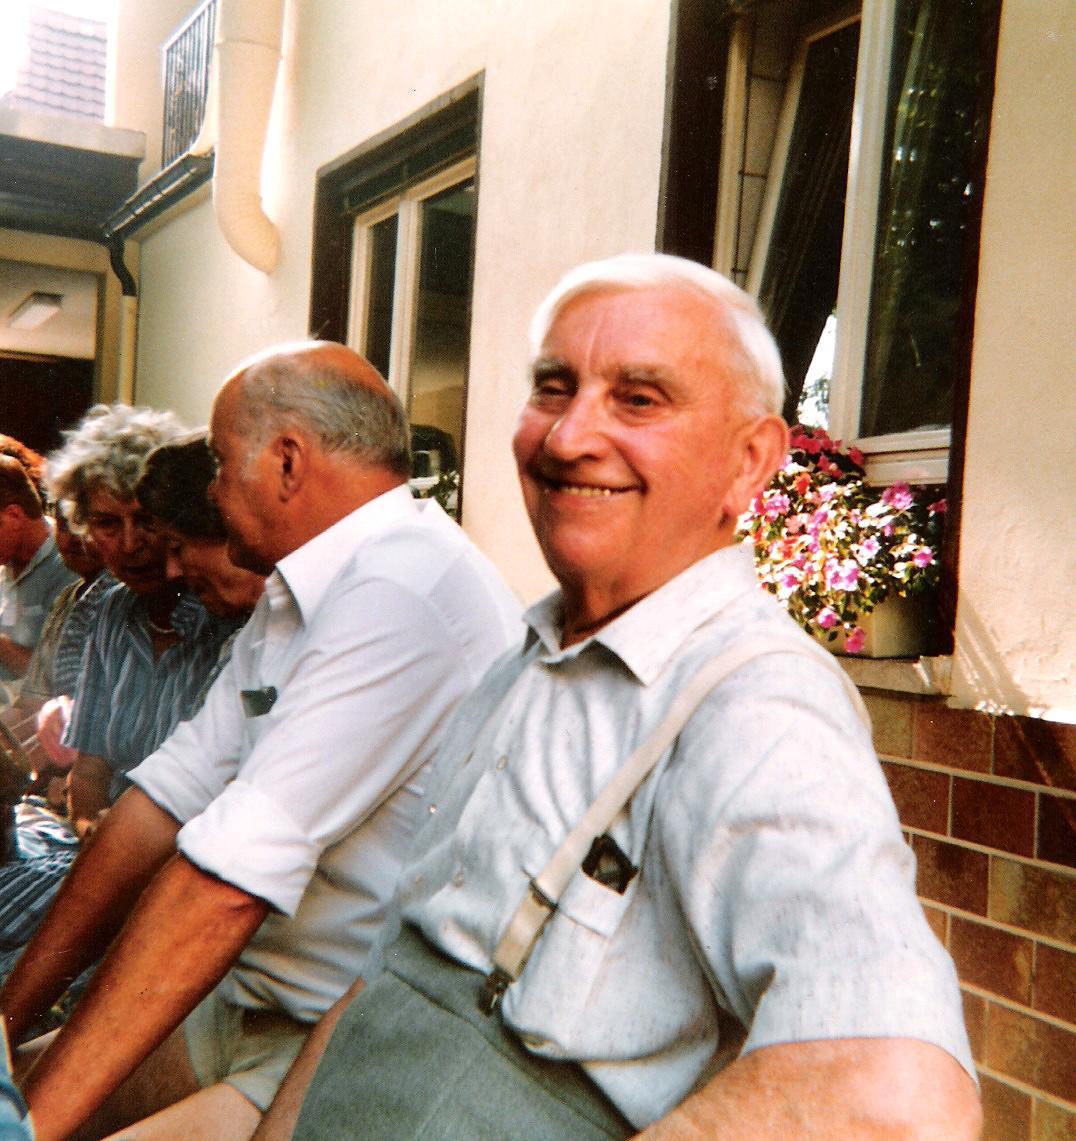 Eugen Kästel (verh. mit Pauline), Vater von Lydia Adam, Irma Sturm, Martin, Robert